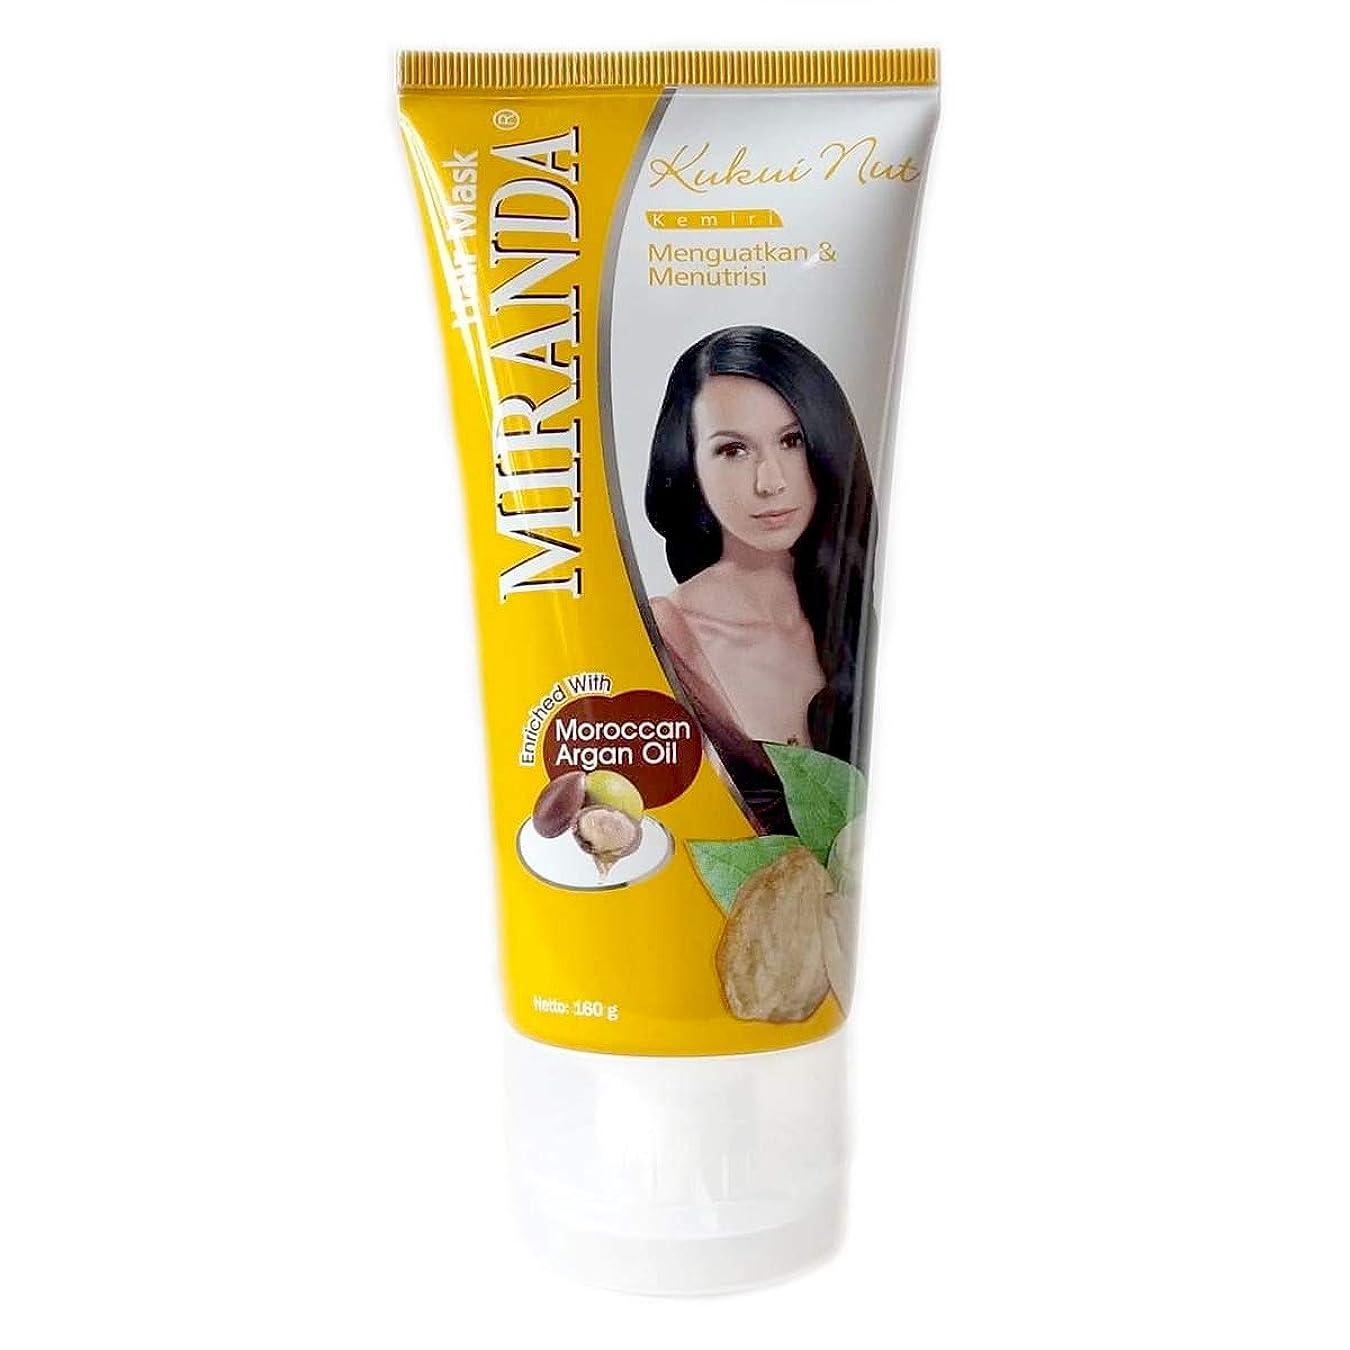 脚粘土影響MIRANDA ミランダ Hair Mask ヘアマスク モロッカンアルガンオイル主成分のヘアトリートメント 160g Kukui nut クミリ [海外直送品]